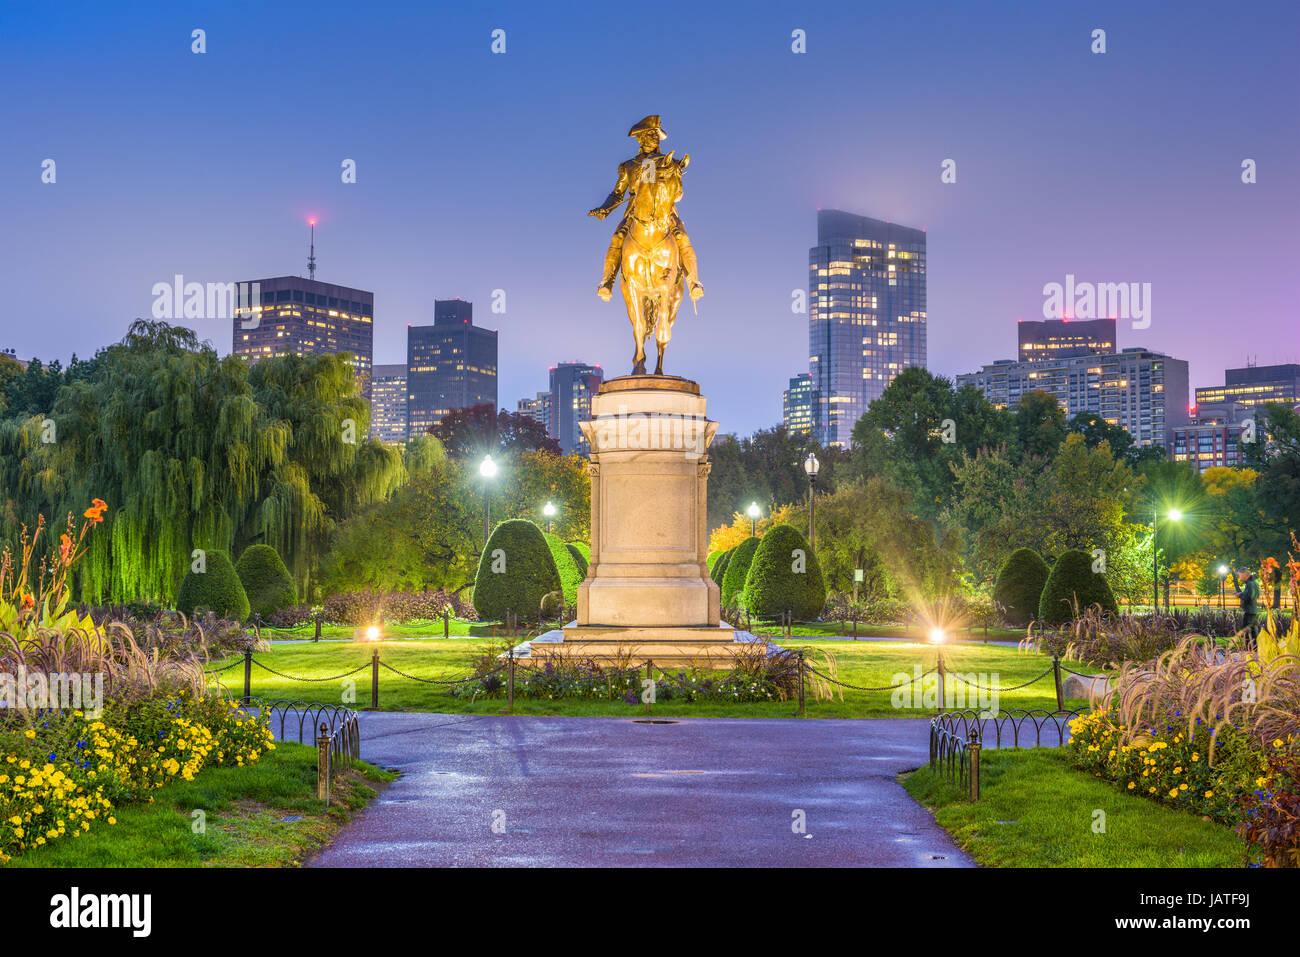 Boston, Massachusetts, USA skyline at the public garden. - Stock Image